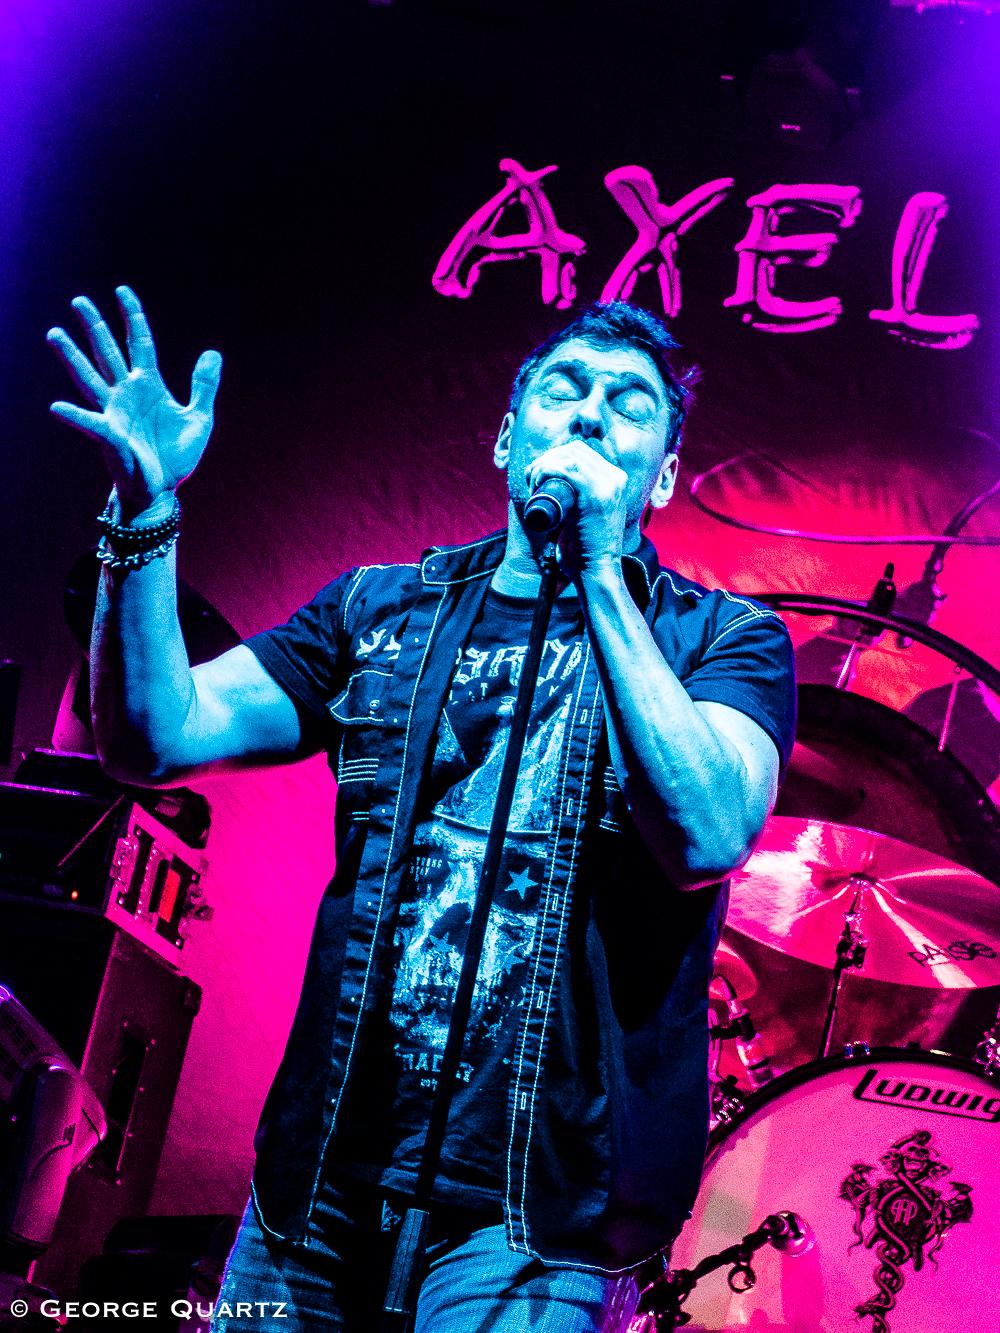 Axel Rudi Pell in Bremen at Aladin, October 2018